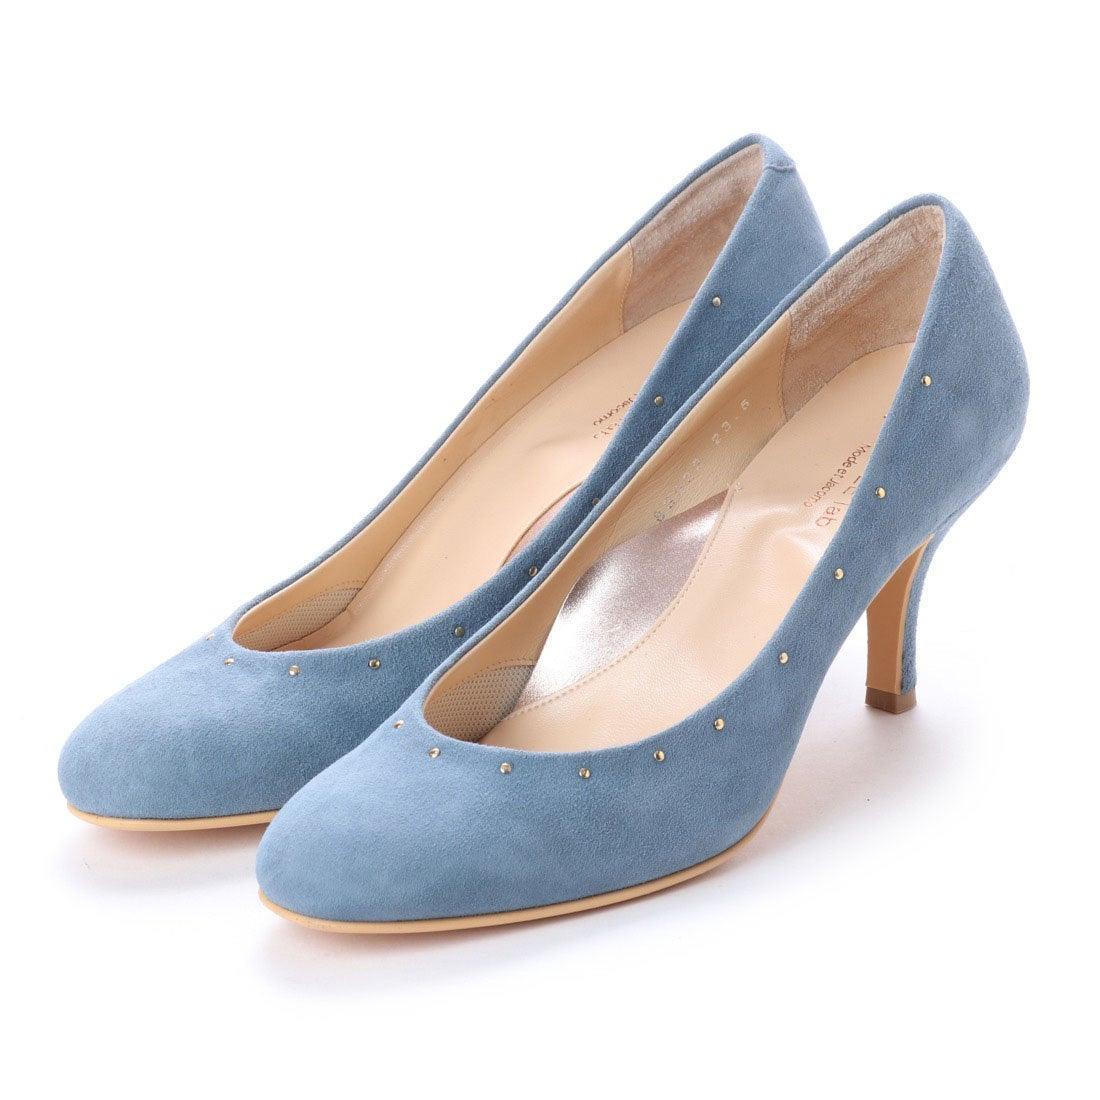 ロコンド 靴とファッションの通販サイトスタイルラボ STYLE lab 【クッション入り】スタッズラウンドトゥパンプス (ブルースエード)